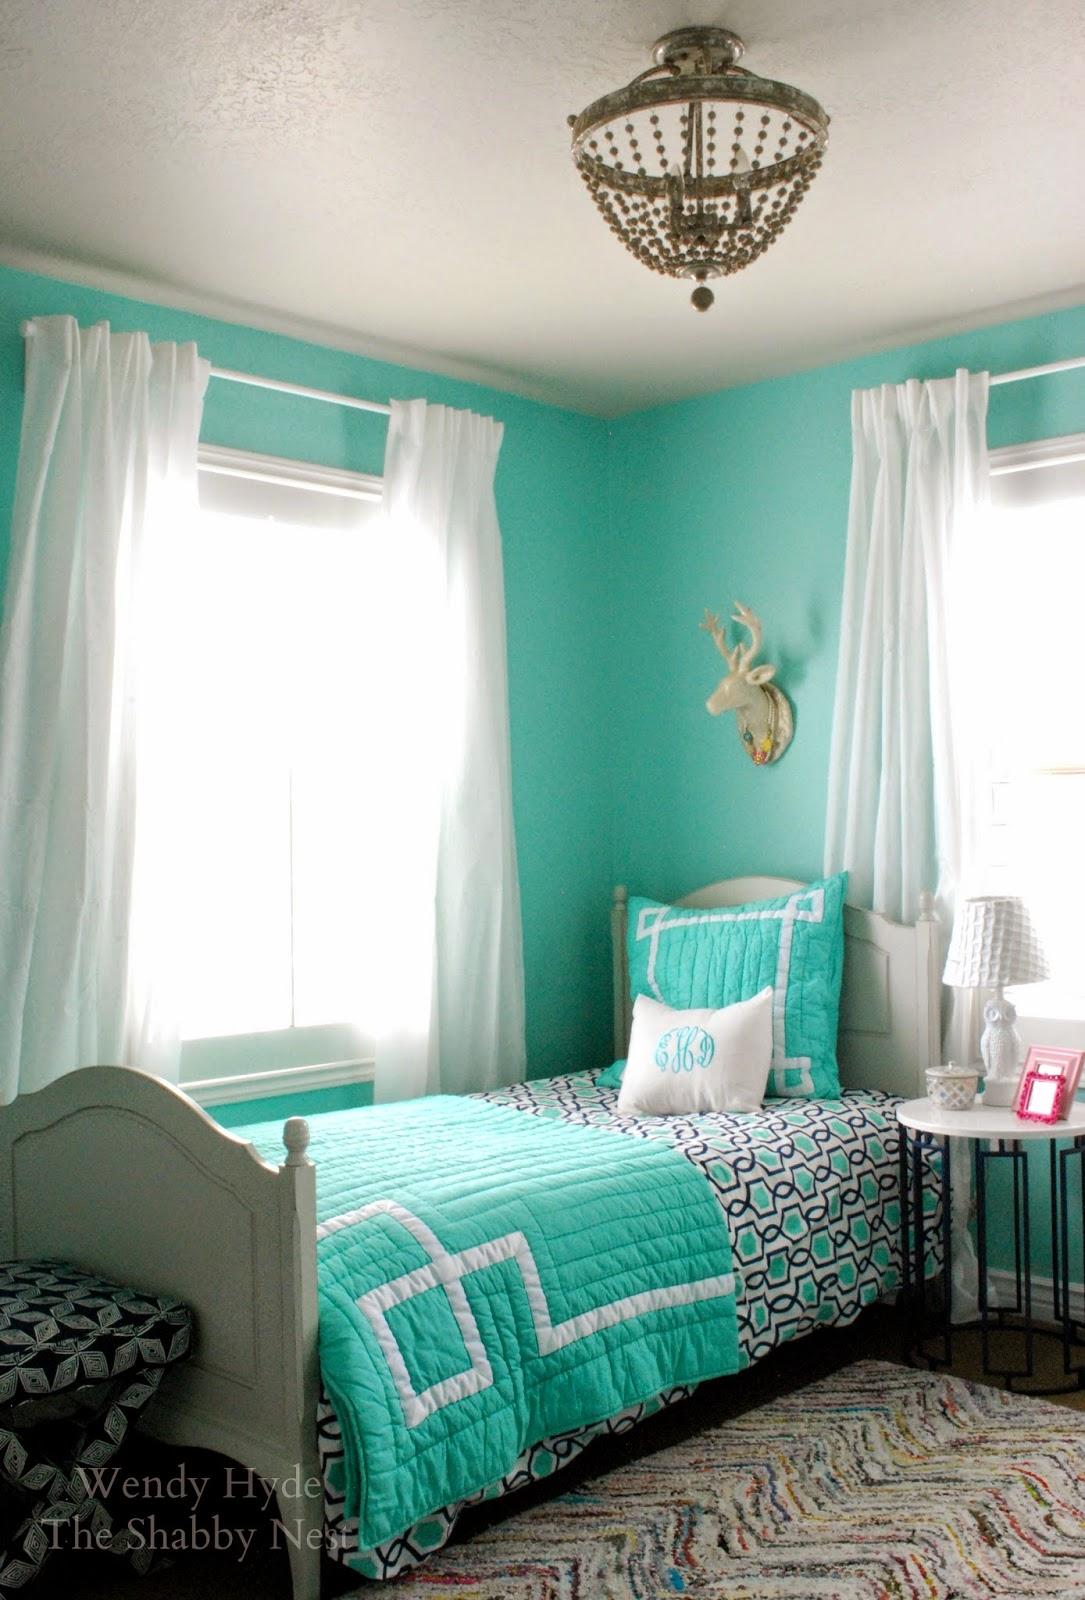 The Shabby Nest e Room Challenge The Teen Girl s